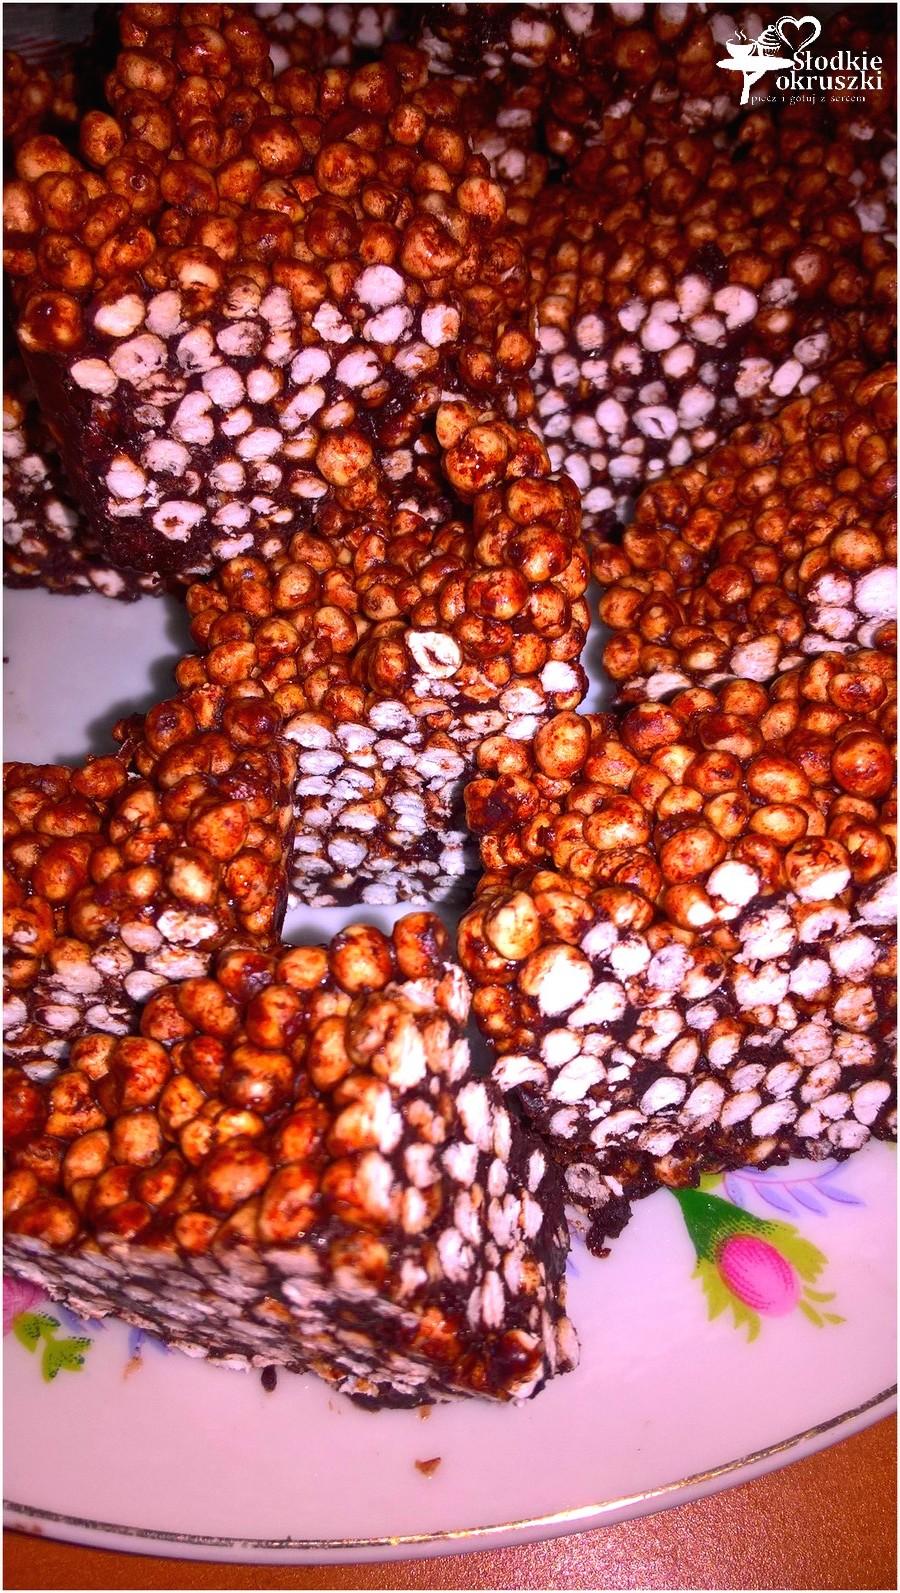 Zdrowe batoniki z dmuchanej kaszy jaglanej (na oleju kokosowym) (1)